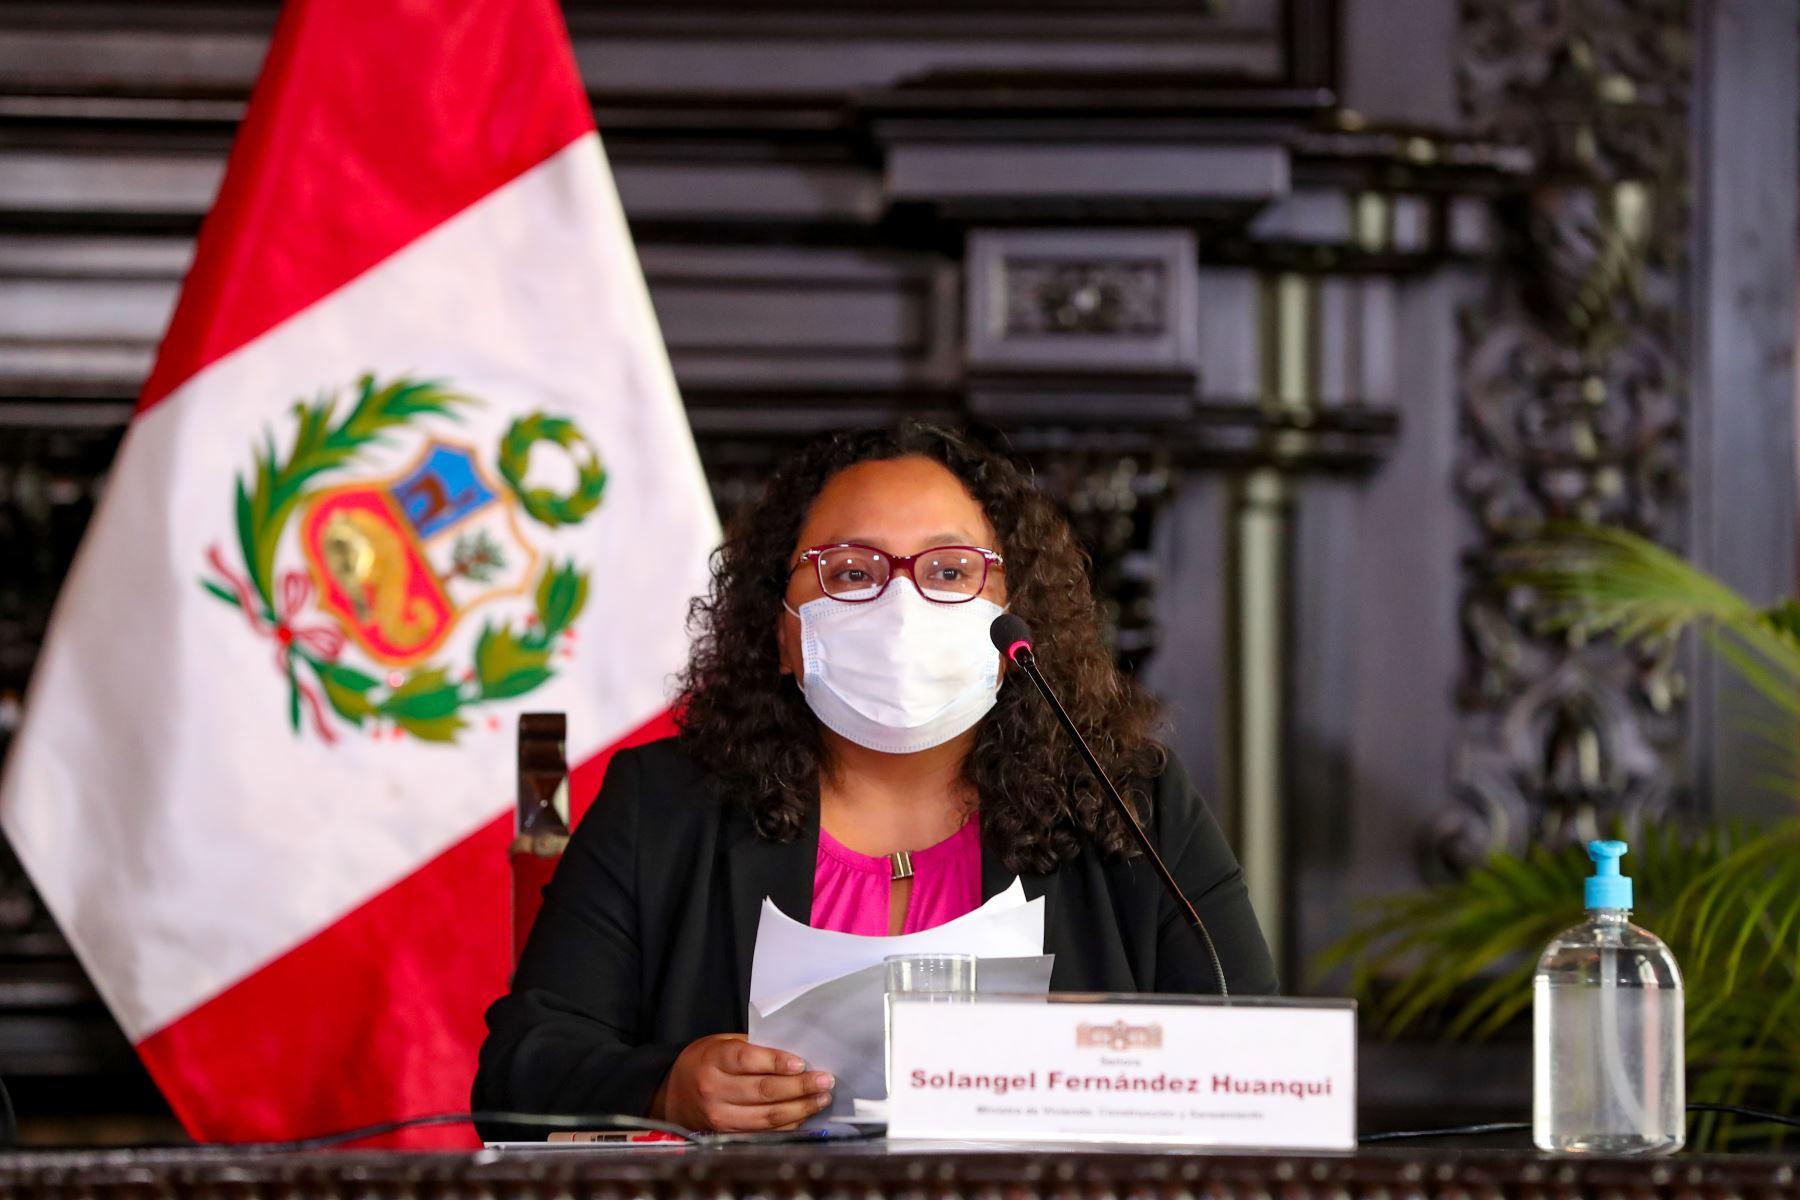 La ministra de Vivienda, Solangel Fernández, expone los acuerdos adoptados en la sesión de Consejo de Ministros, orientados a la mejora de los servicios públicos y atención de la emergencia sanitaria. Foto: PCM